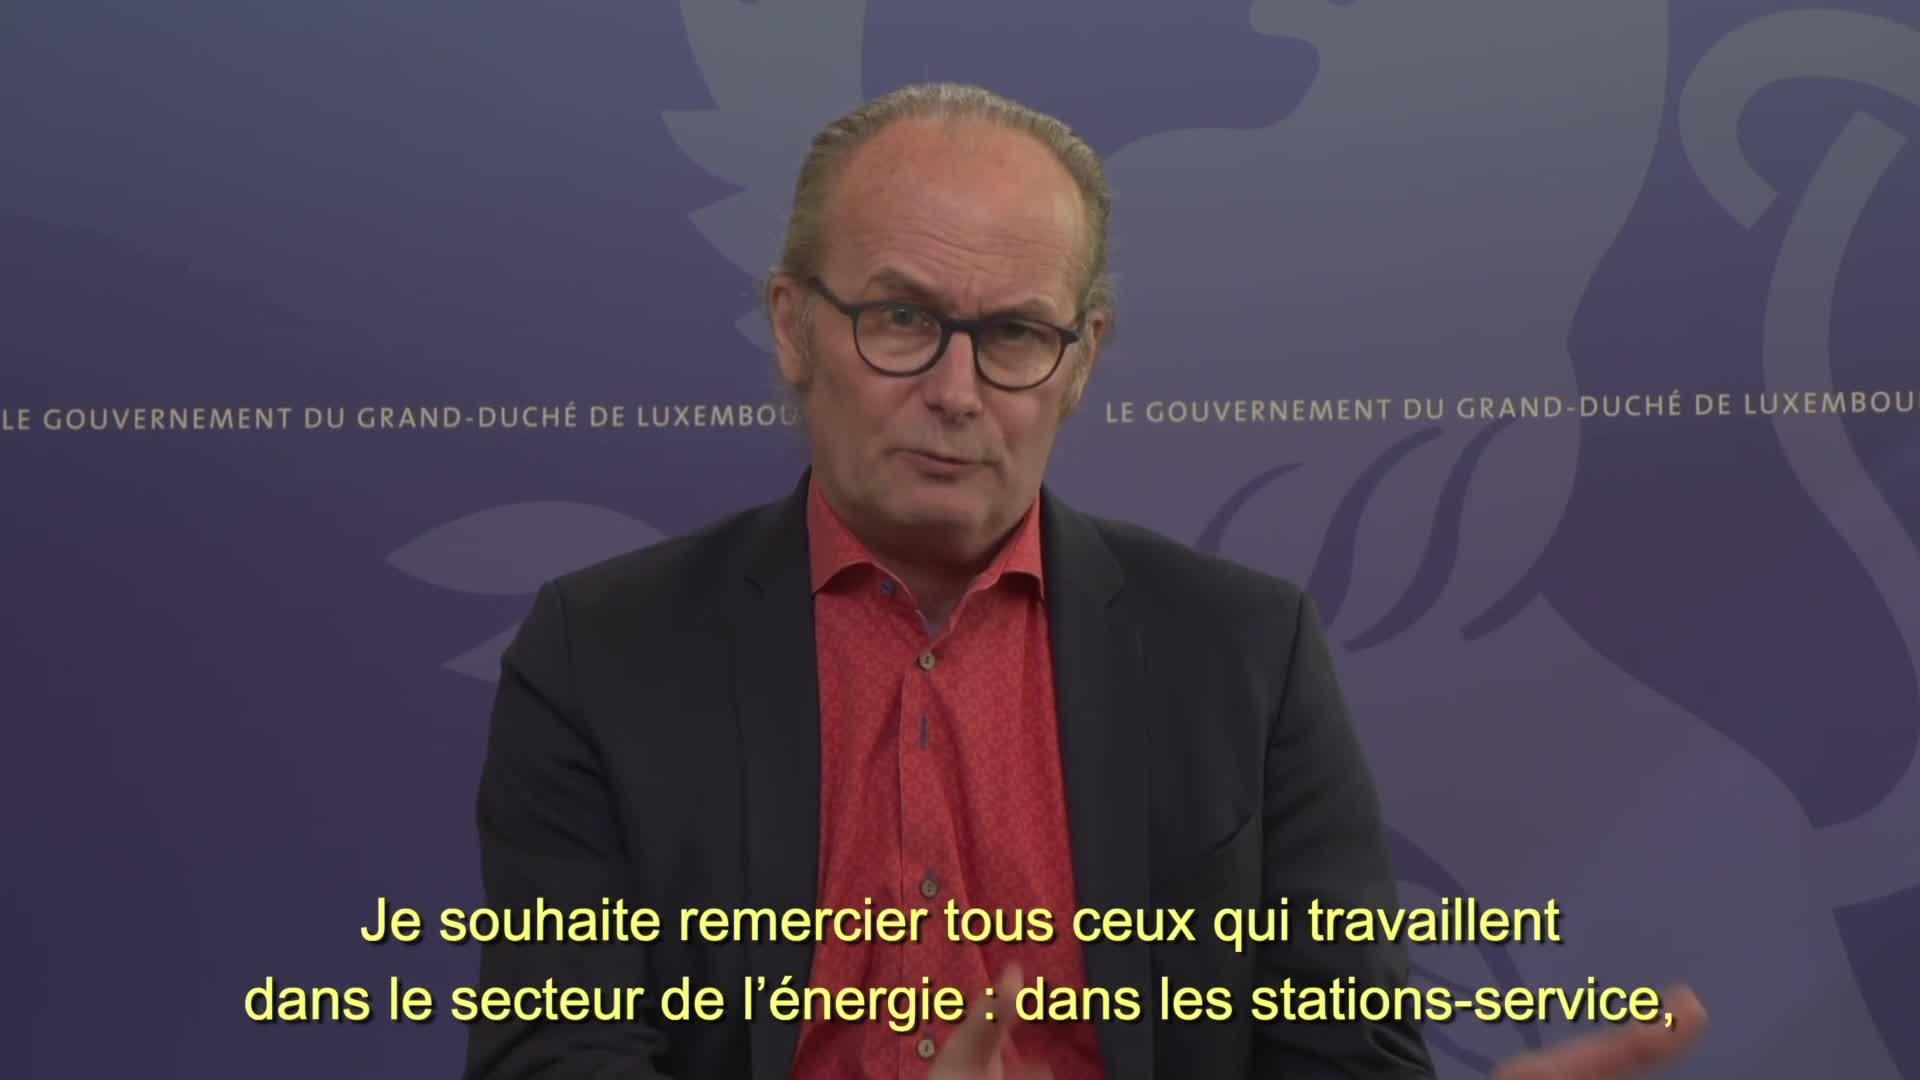 Covid19 - Le ministre de l'Énergie, Claude Turmes, informe